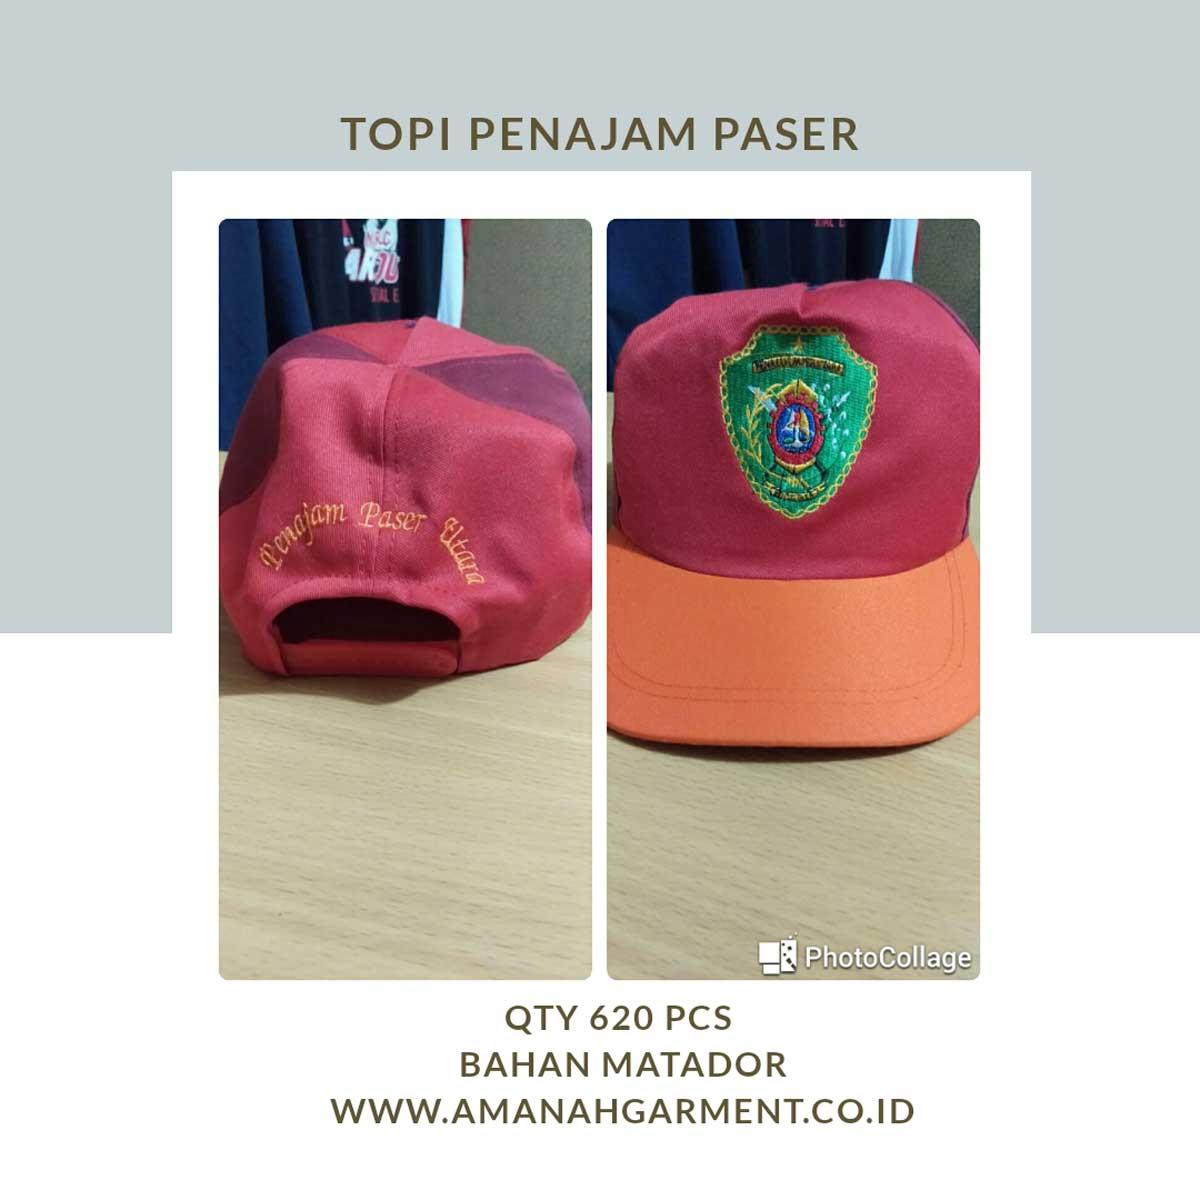 topi padang